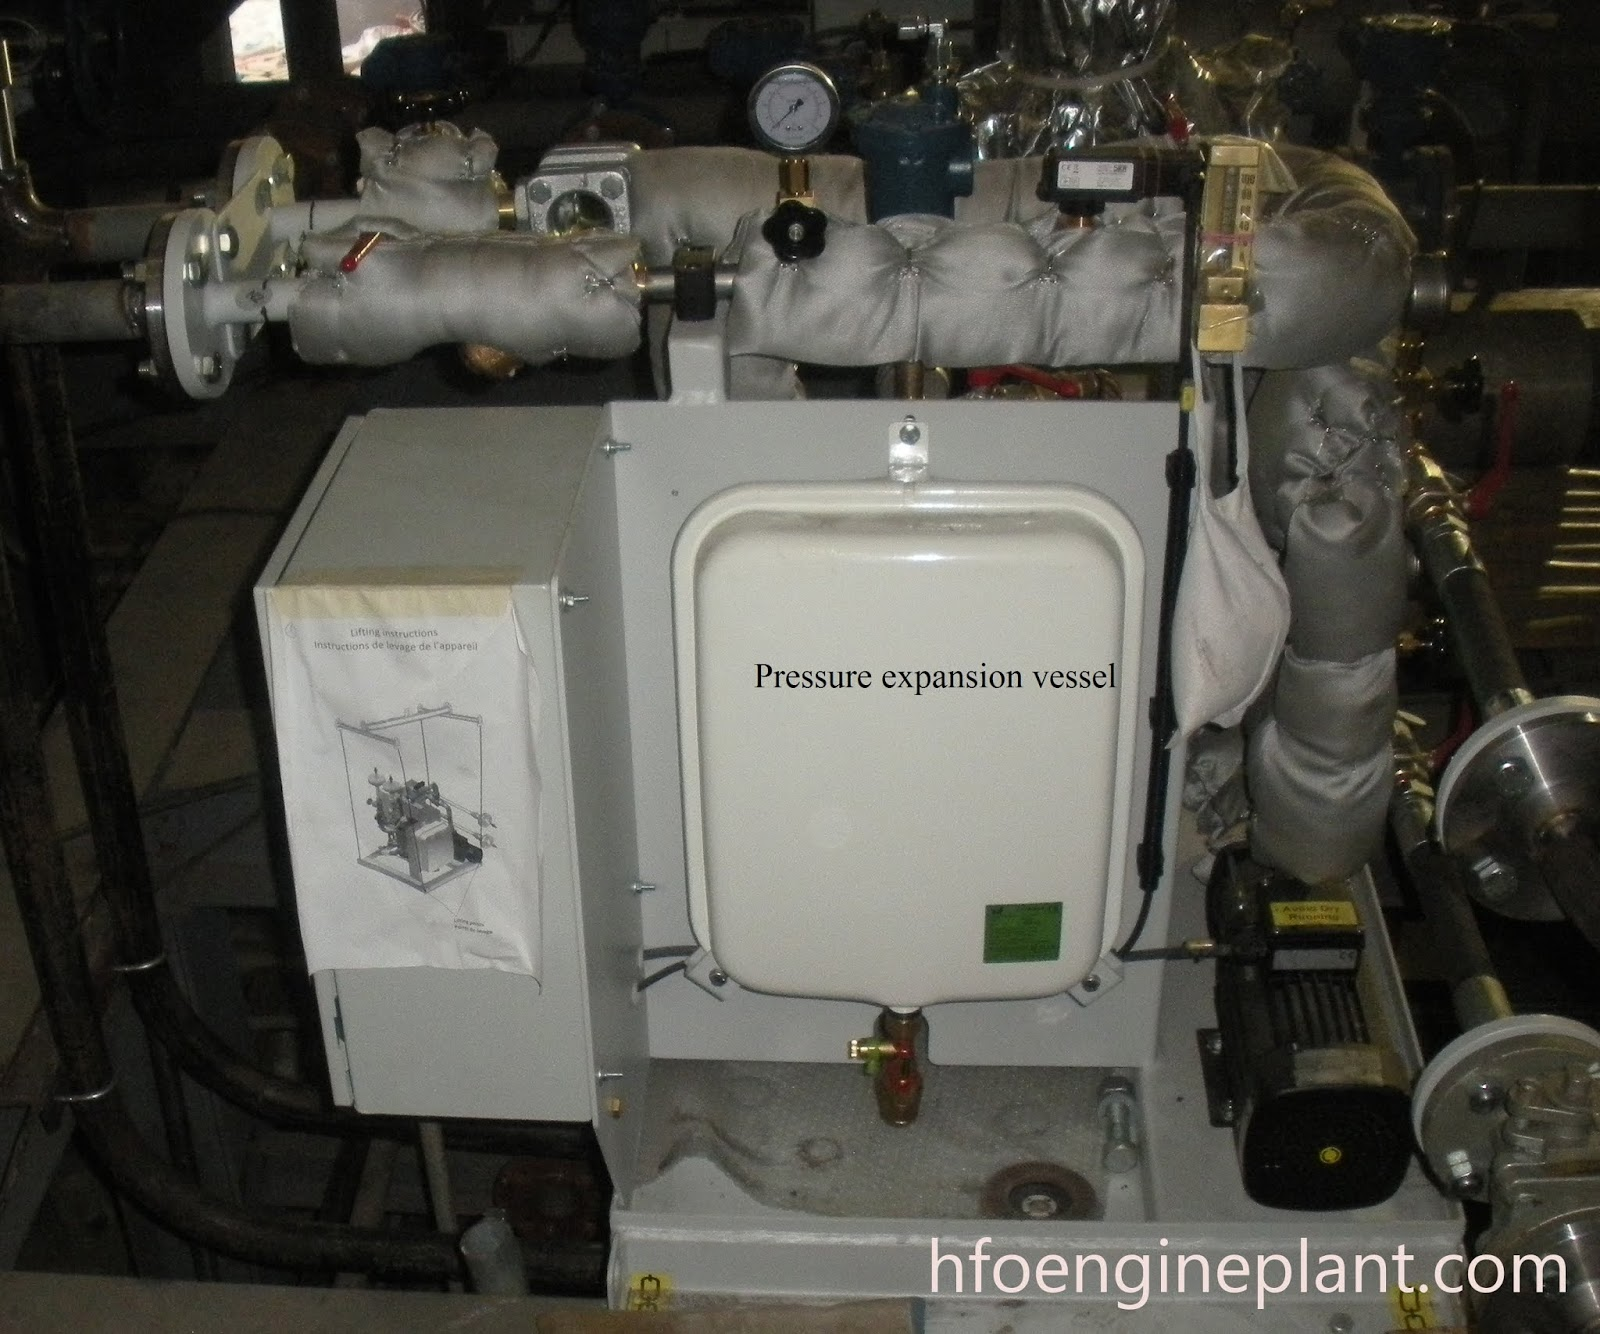 Fuel injection nozzle cooling unit-Pressure vessel